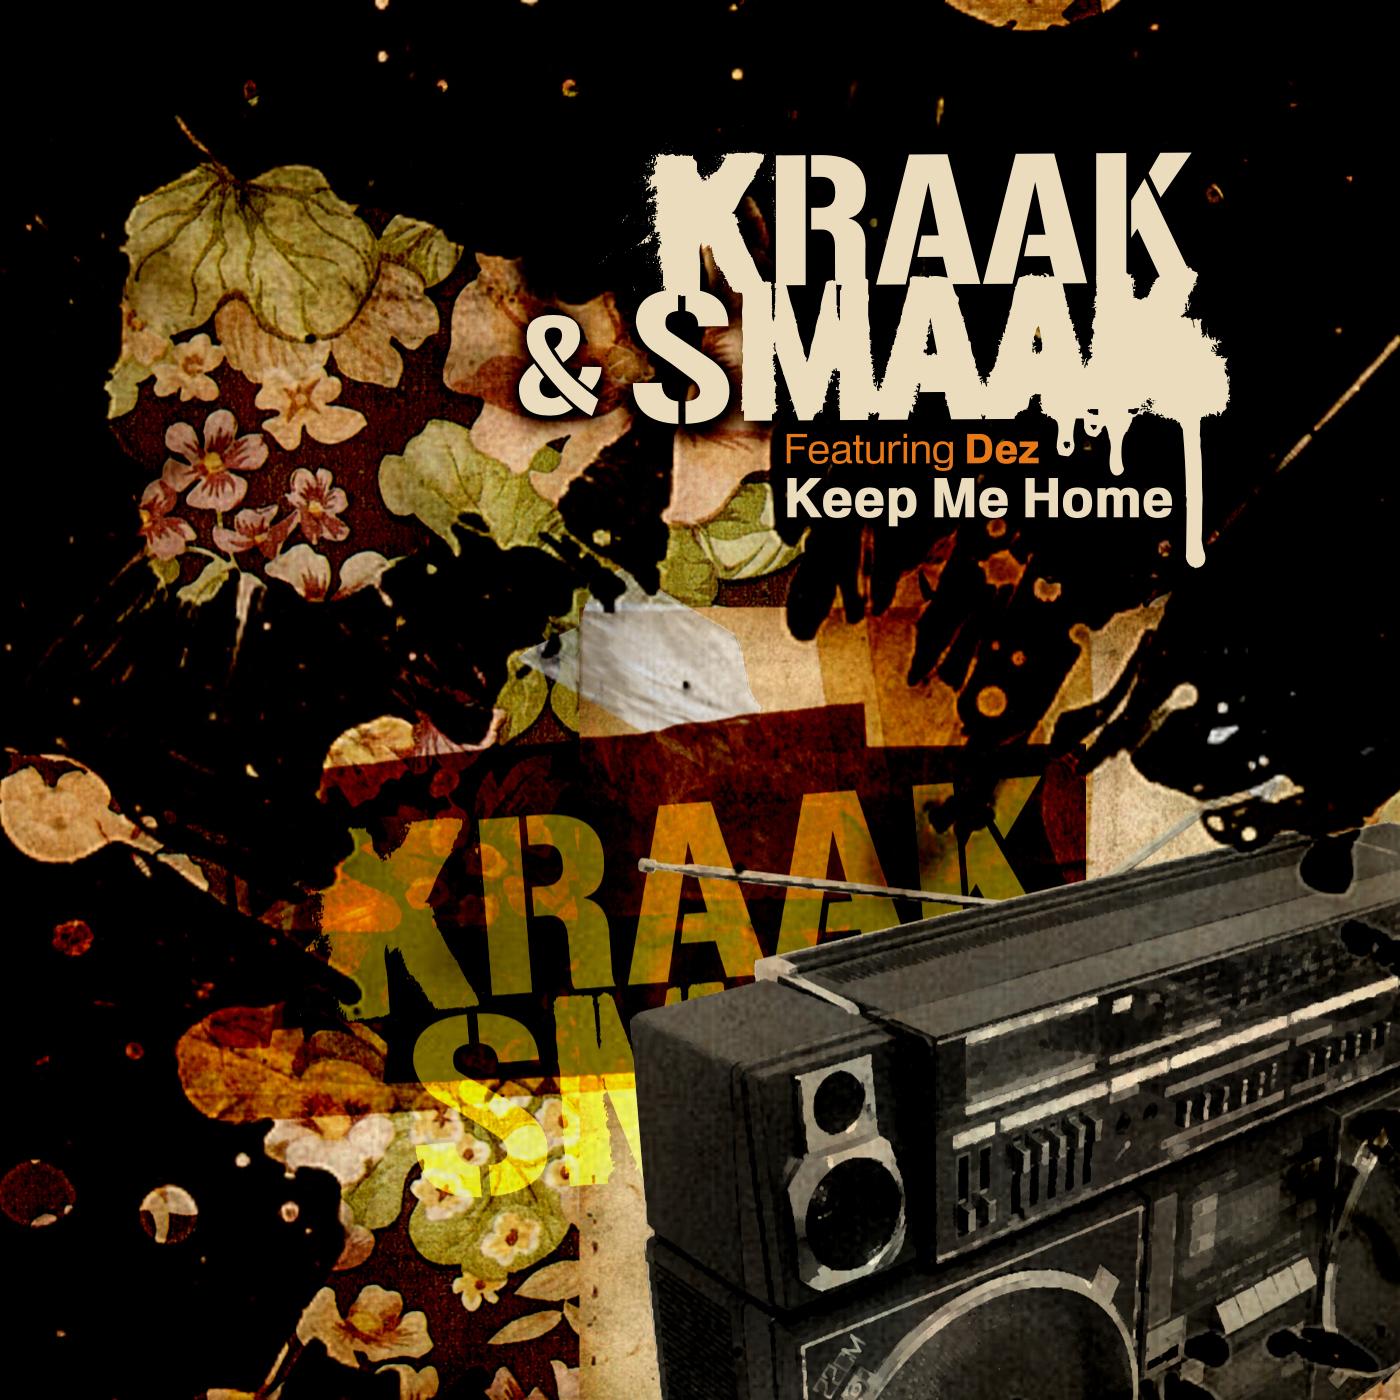 KraakSmaak__Keep me home_300dpi.jpg